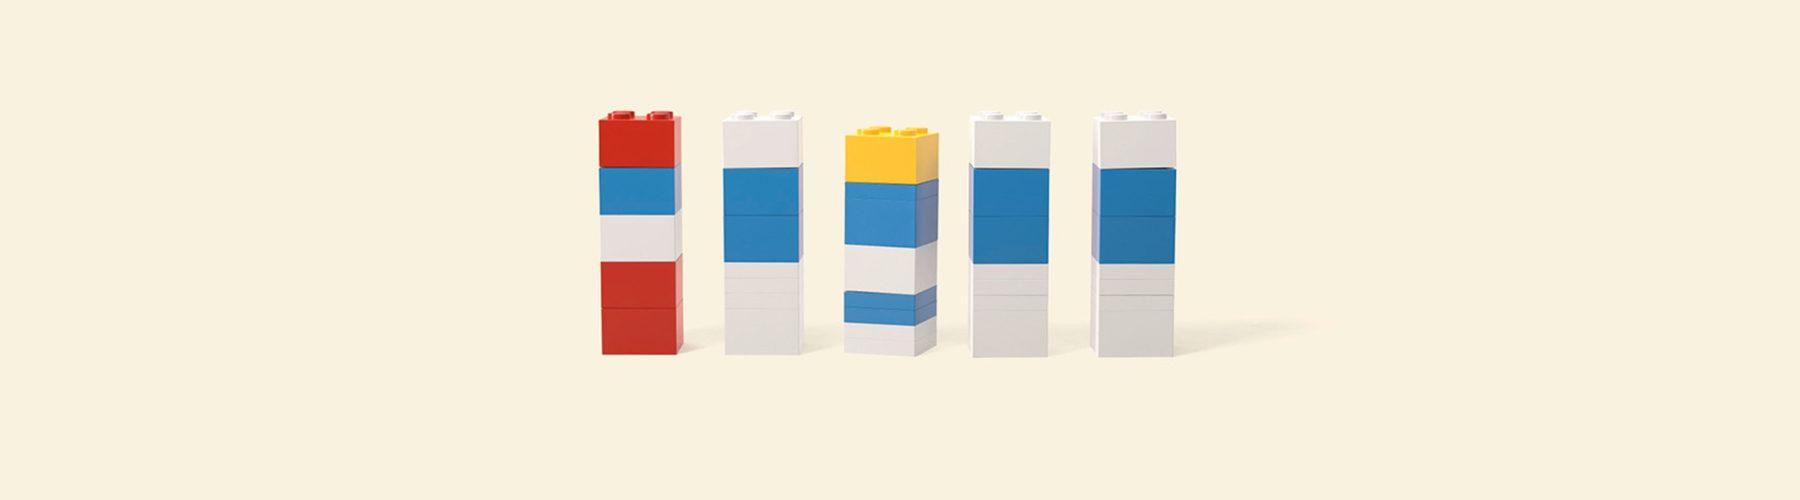 Publicité Lego, 2012, par Jung von Matt